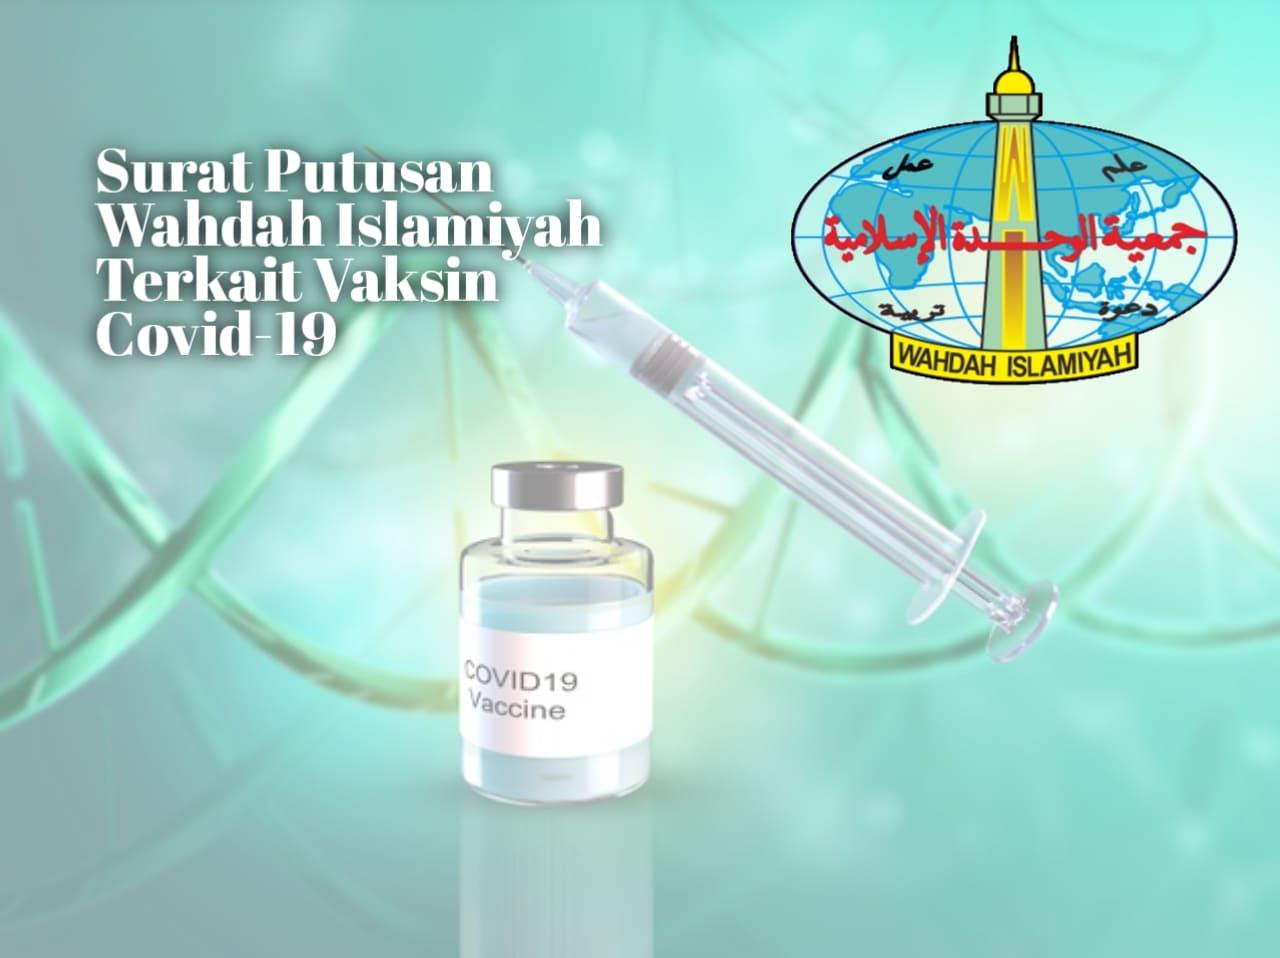 Putusan Dewan Syariah Wahdah Islamiyah, Membolehkan Penggunaan Vaksin Sinovac